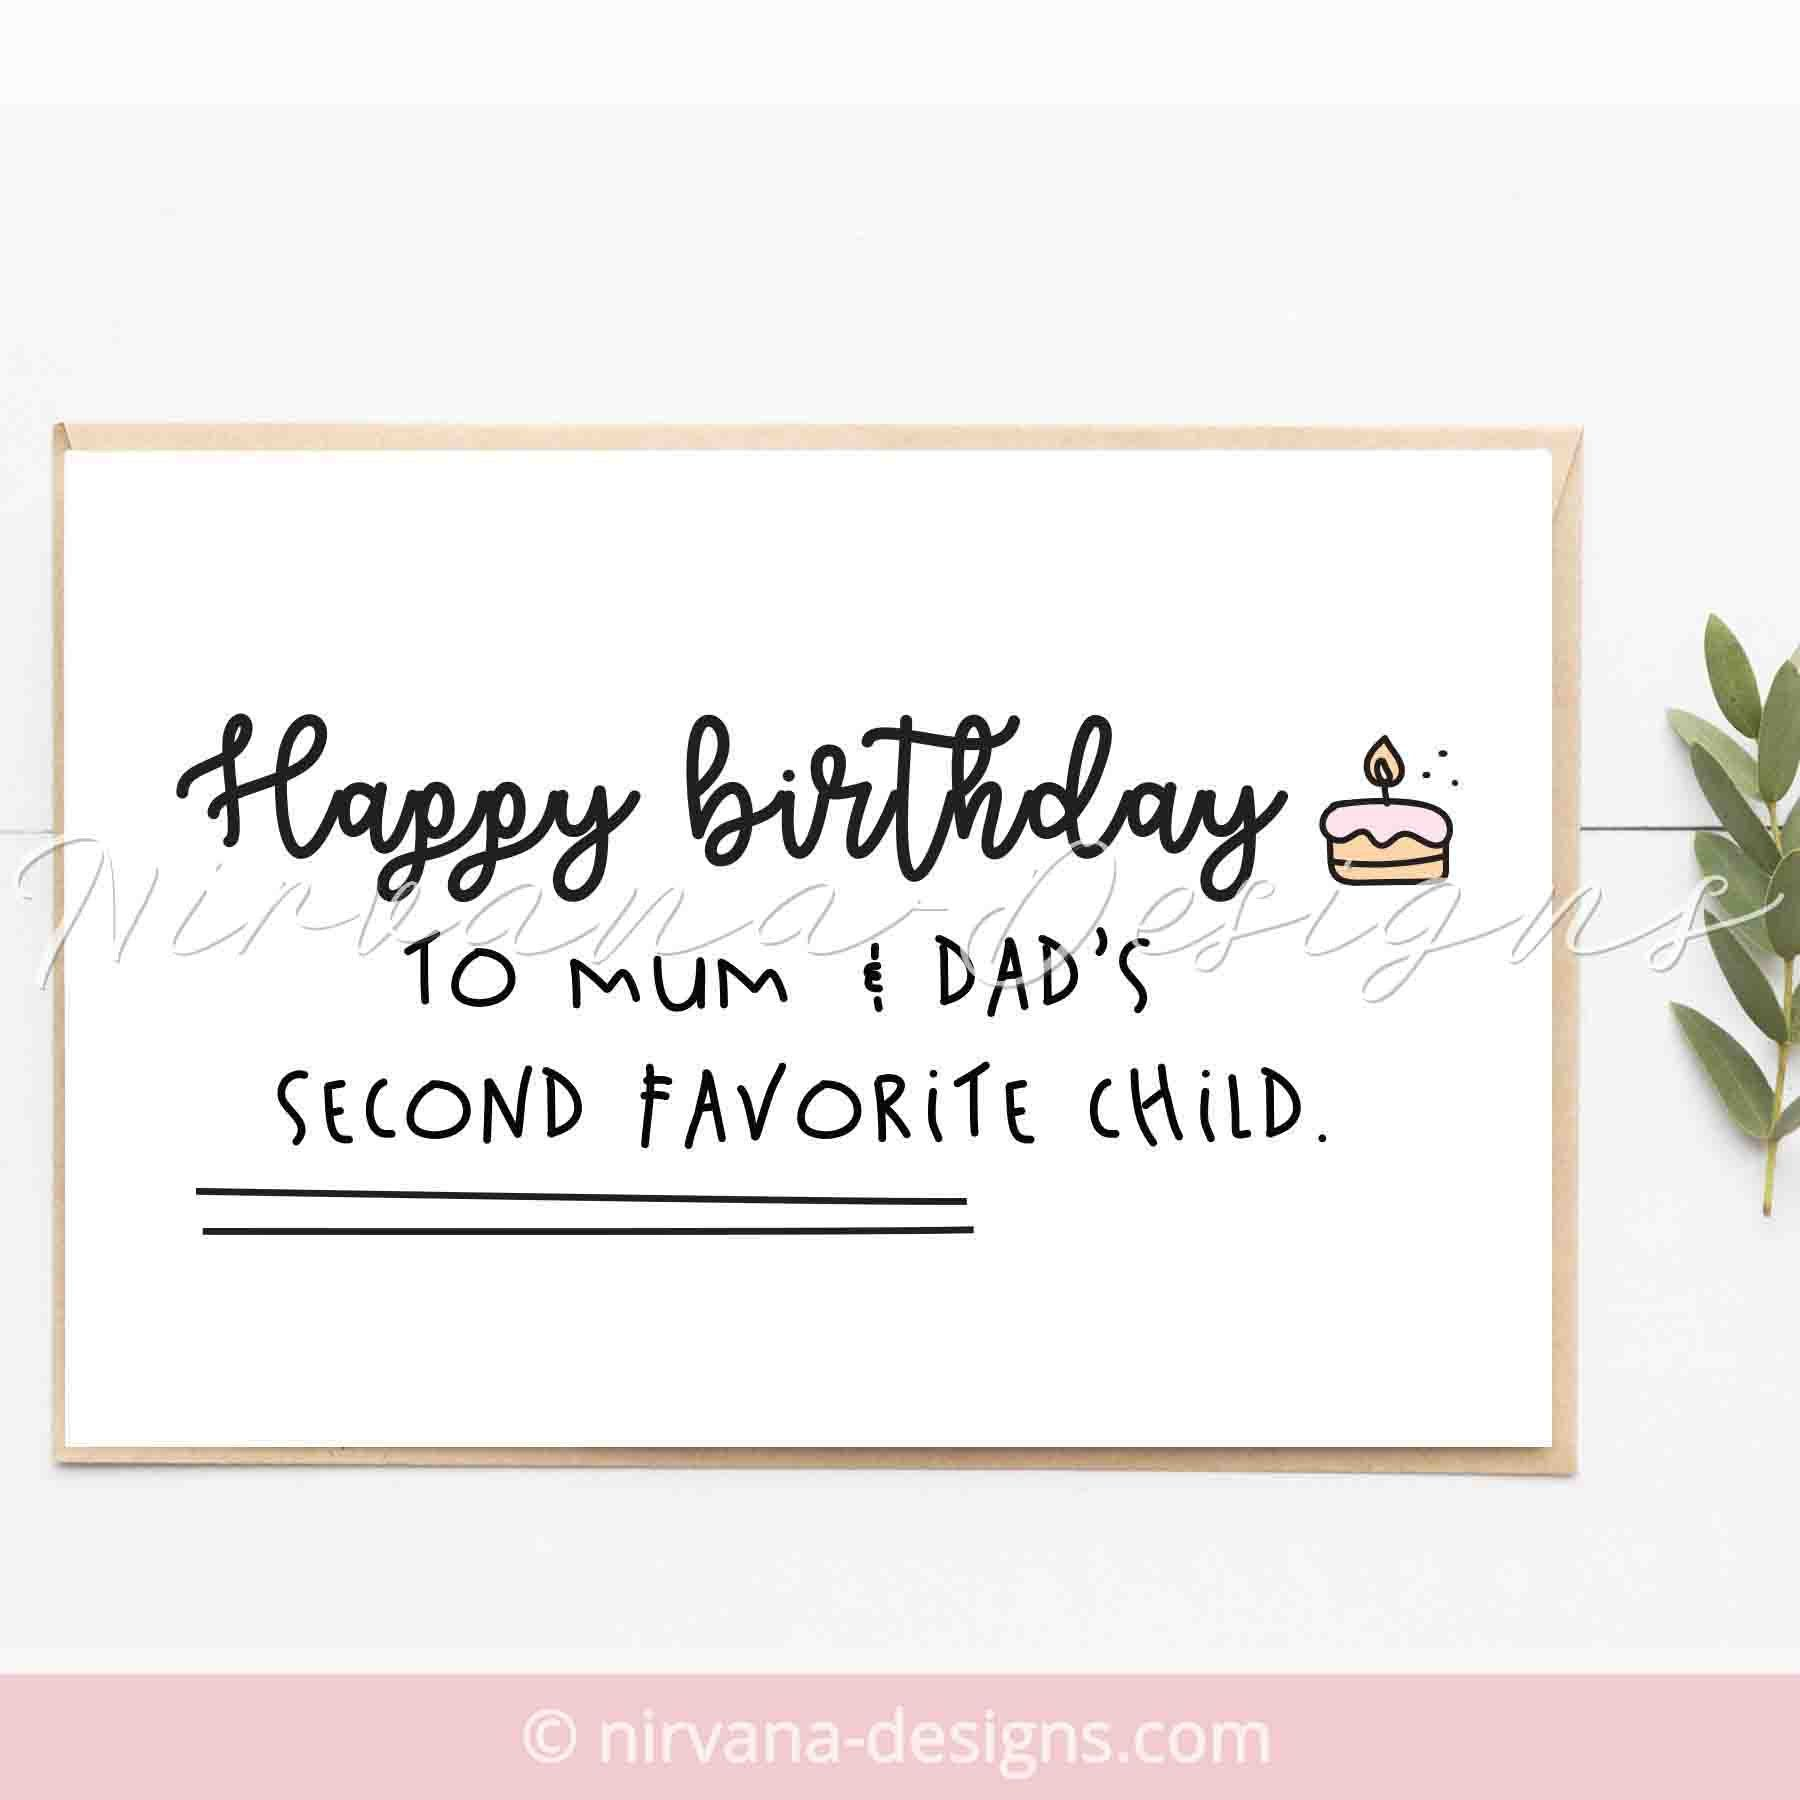 Brother Birthday Card Funny Happy Birthday Cards For Sister Sarcastic Birthday Car Birthday Cards For Brother Birthday Gifts For Brother Sister Birthday Card